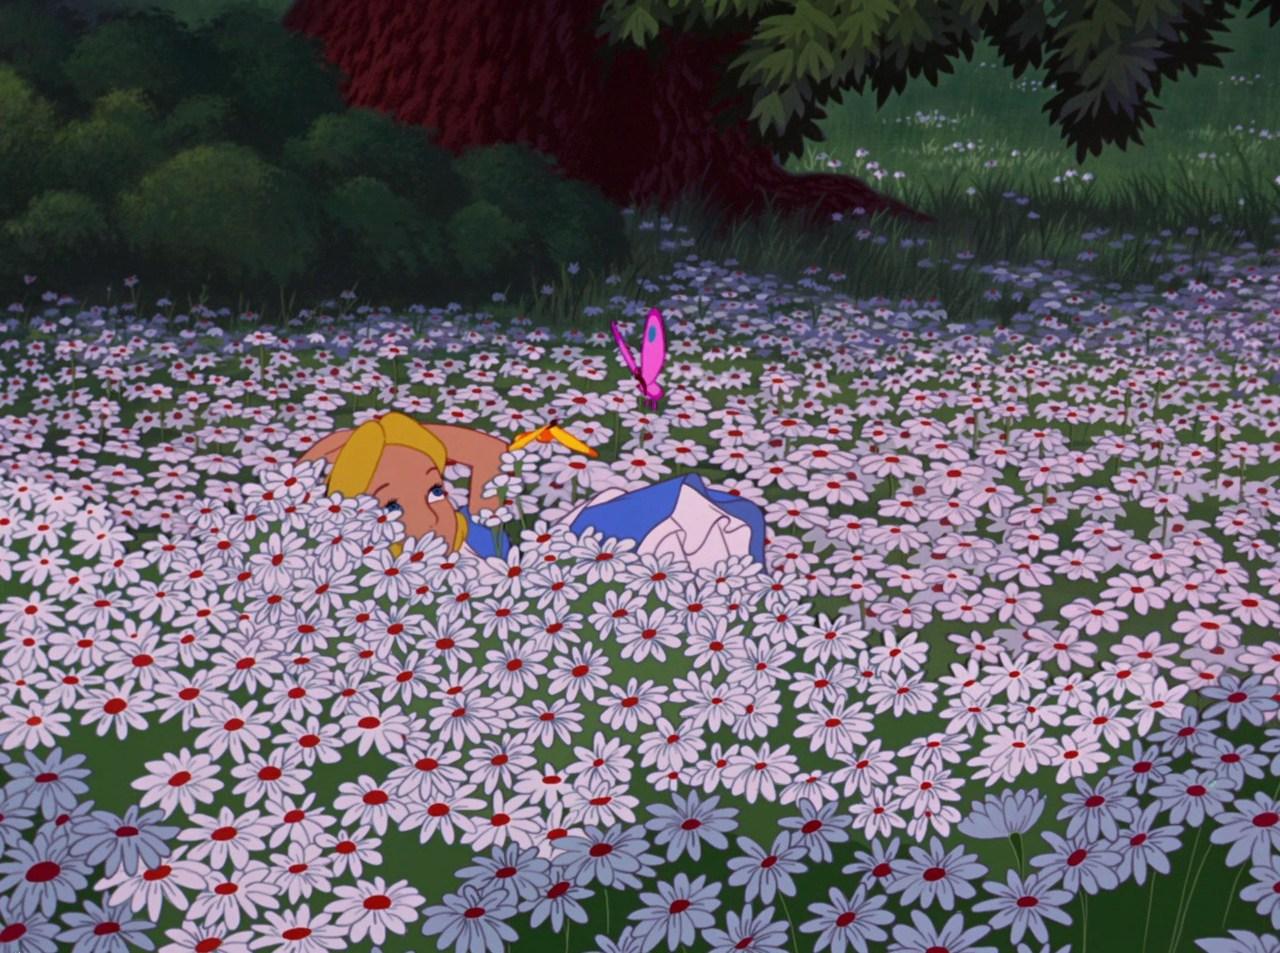 Алиса в стране чудес (1951) - Всё о фильме, отзывы ... джонни депп